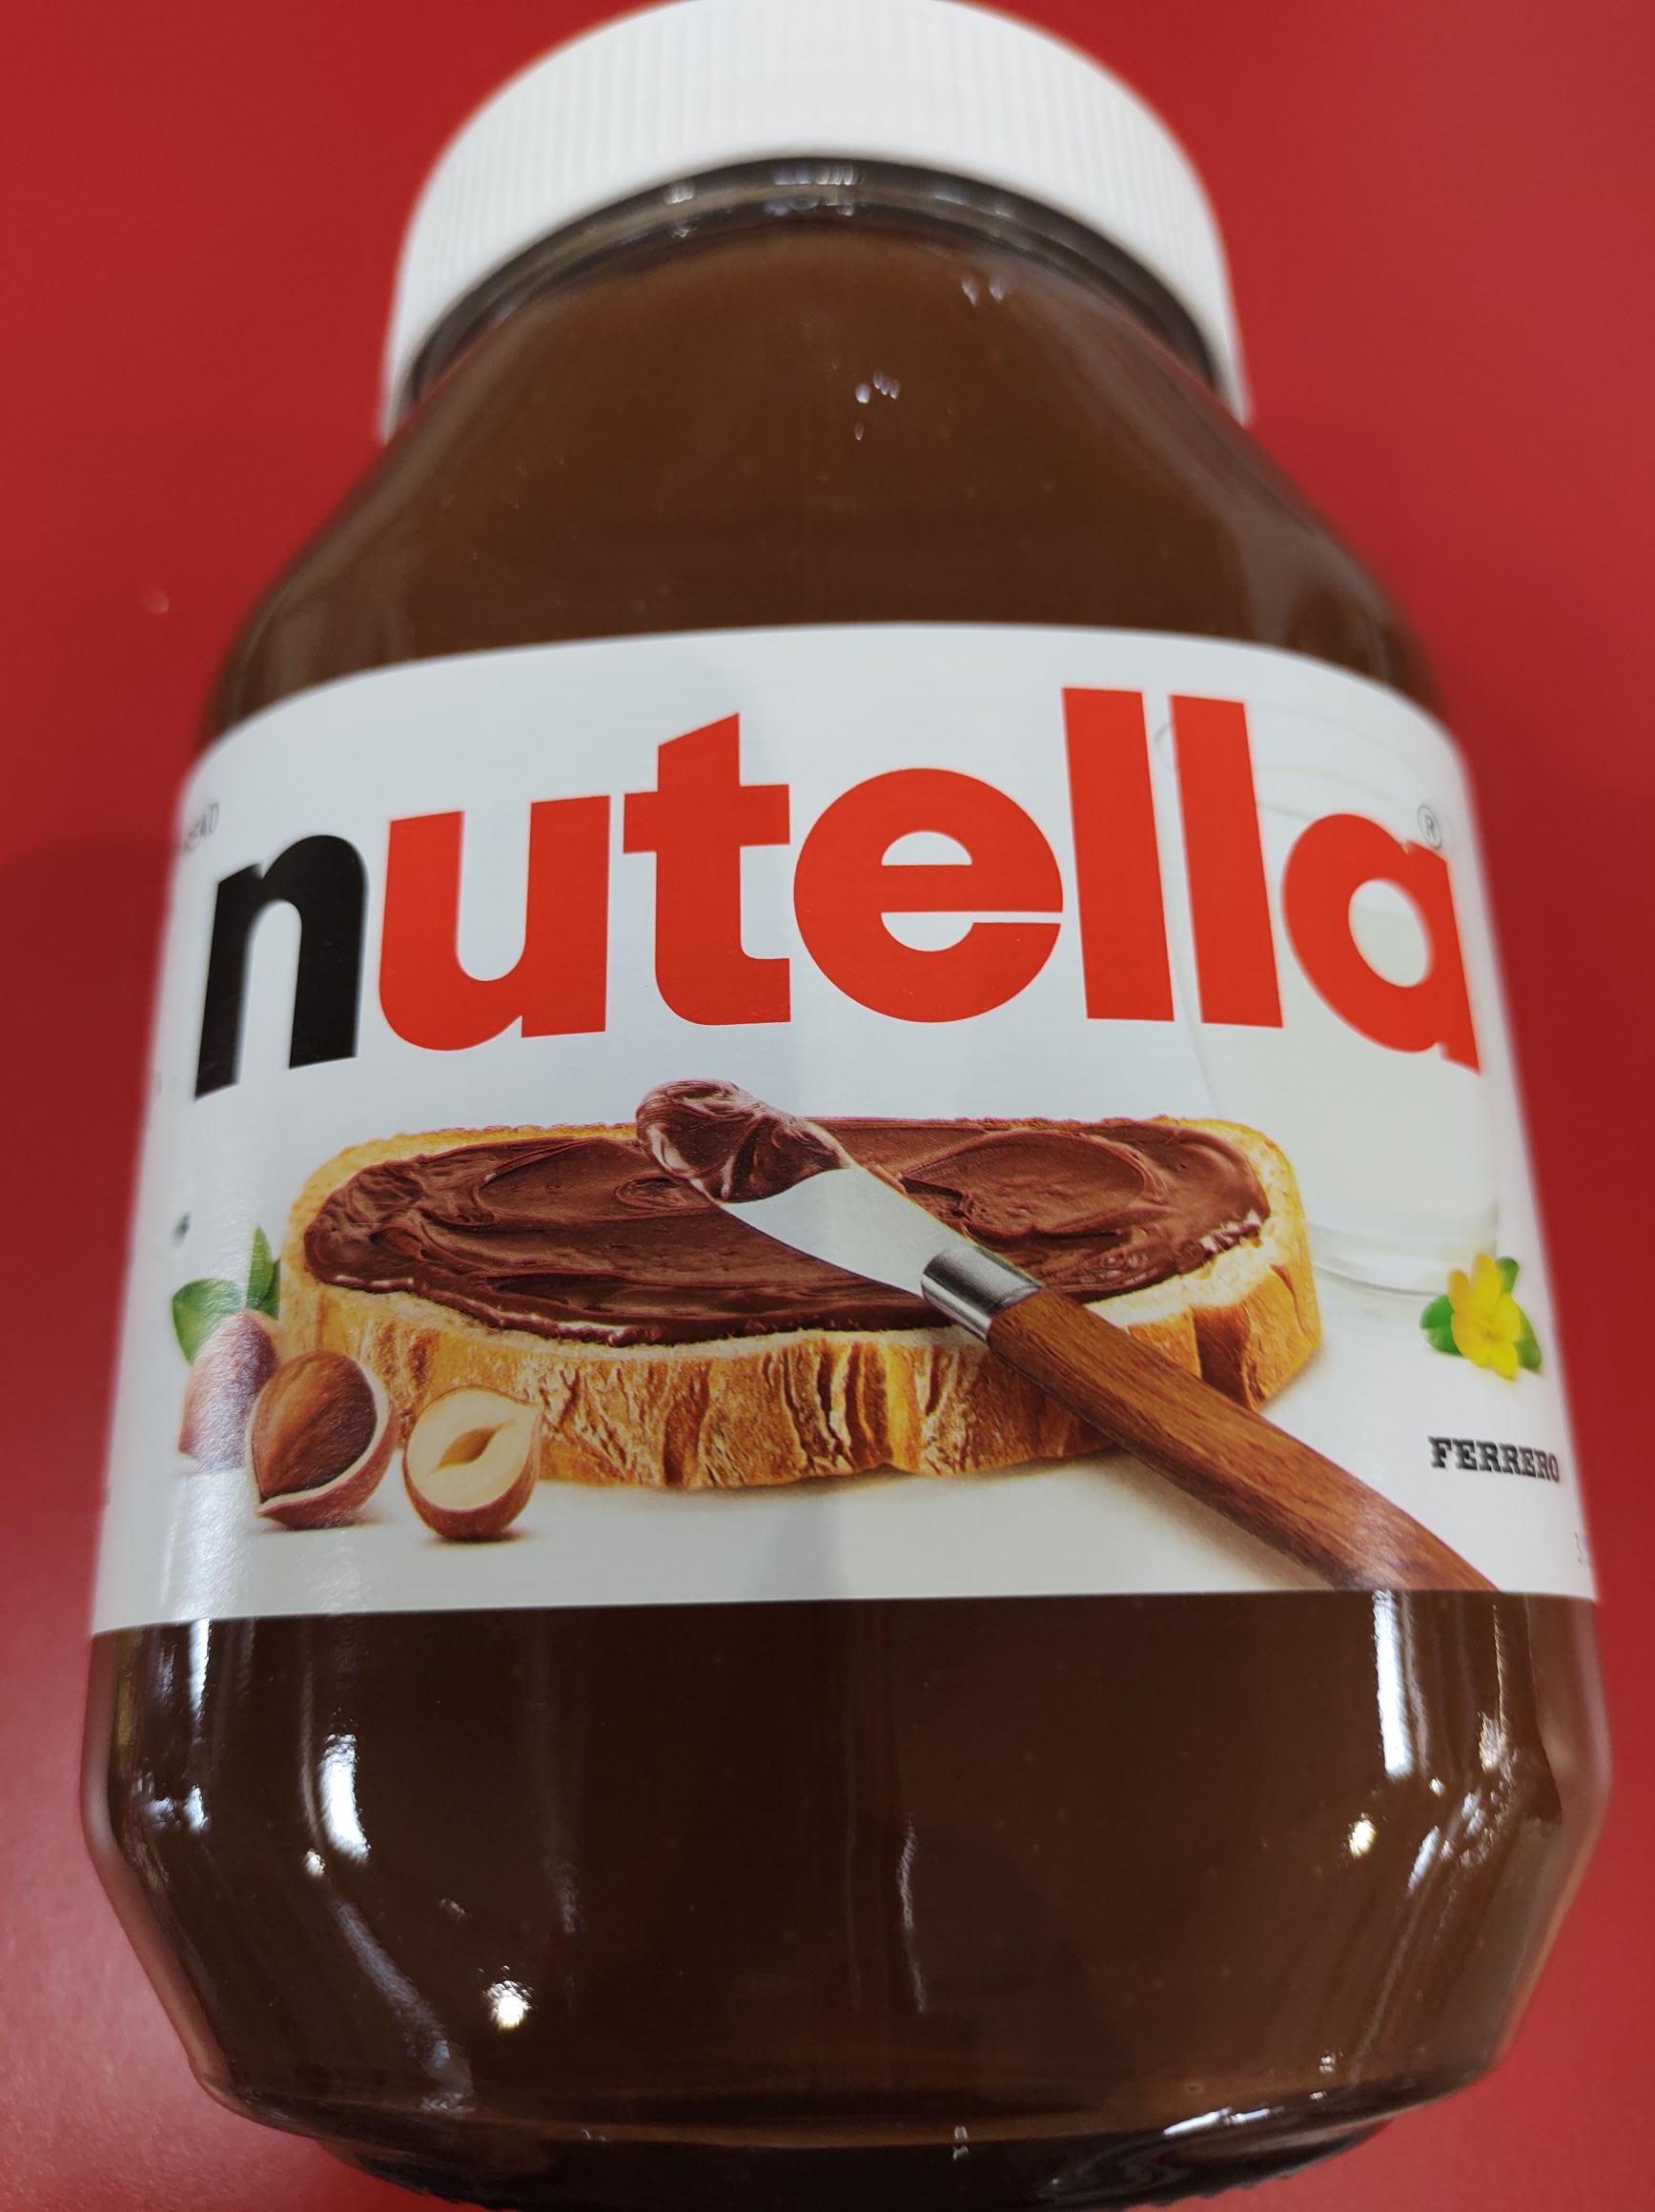 1kg Nutella chocolate spread in Costco £3.89 @ Costco (Oldham)